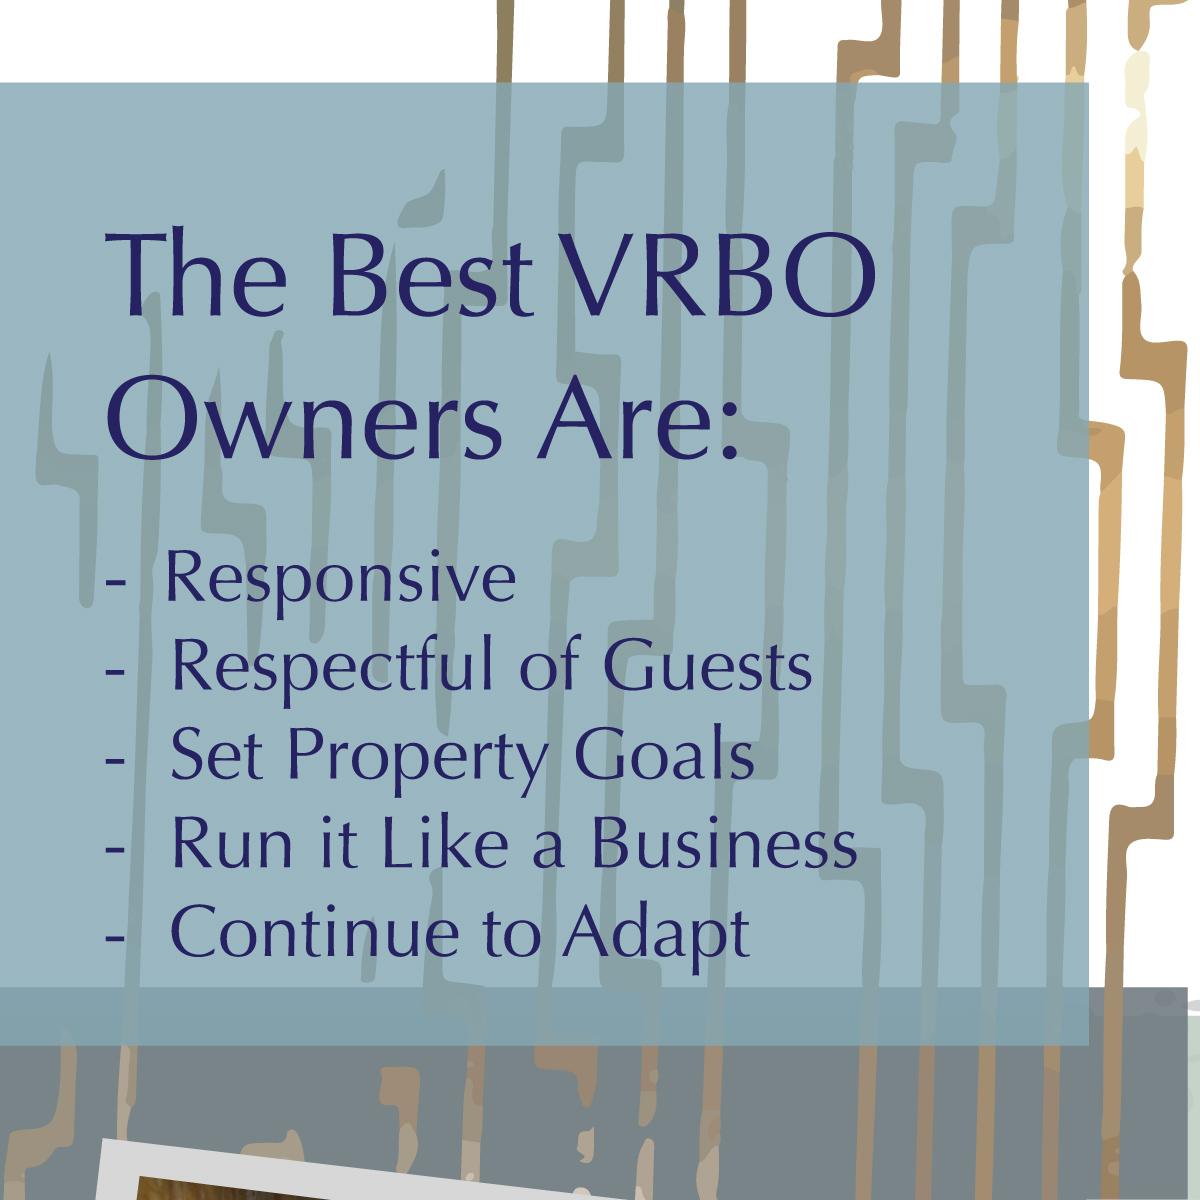 VRBO-Owners.jpg